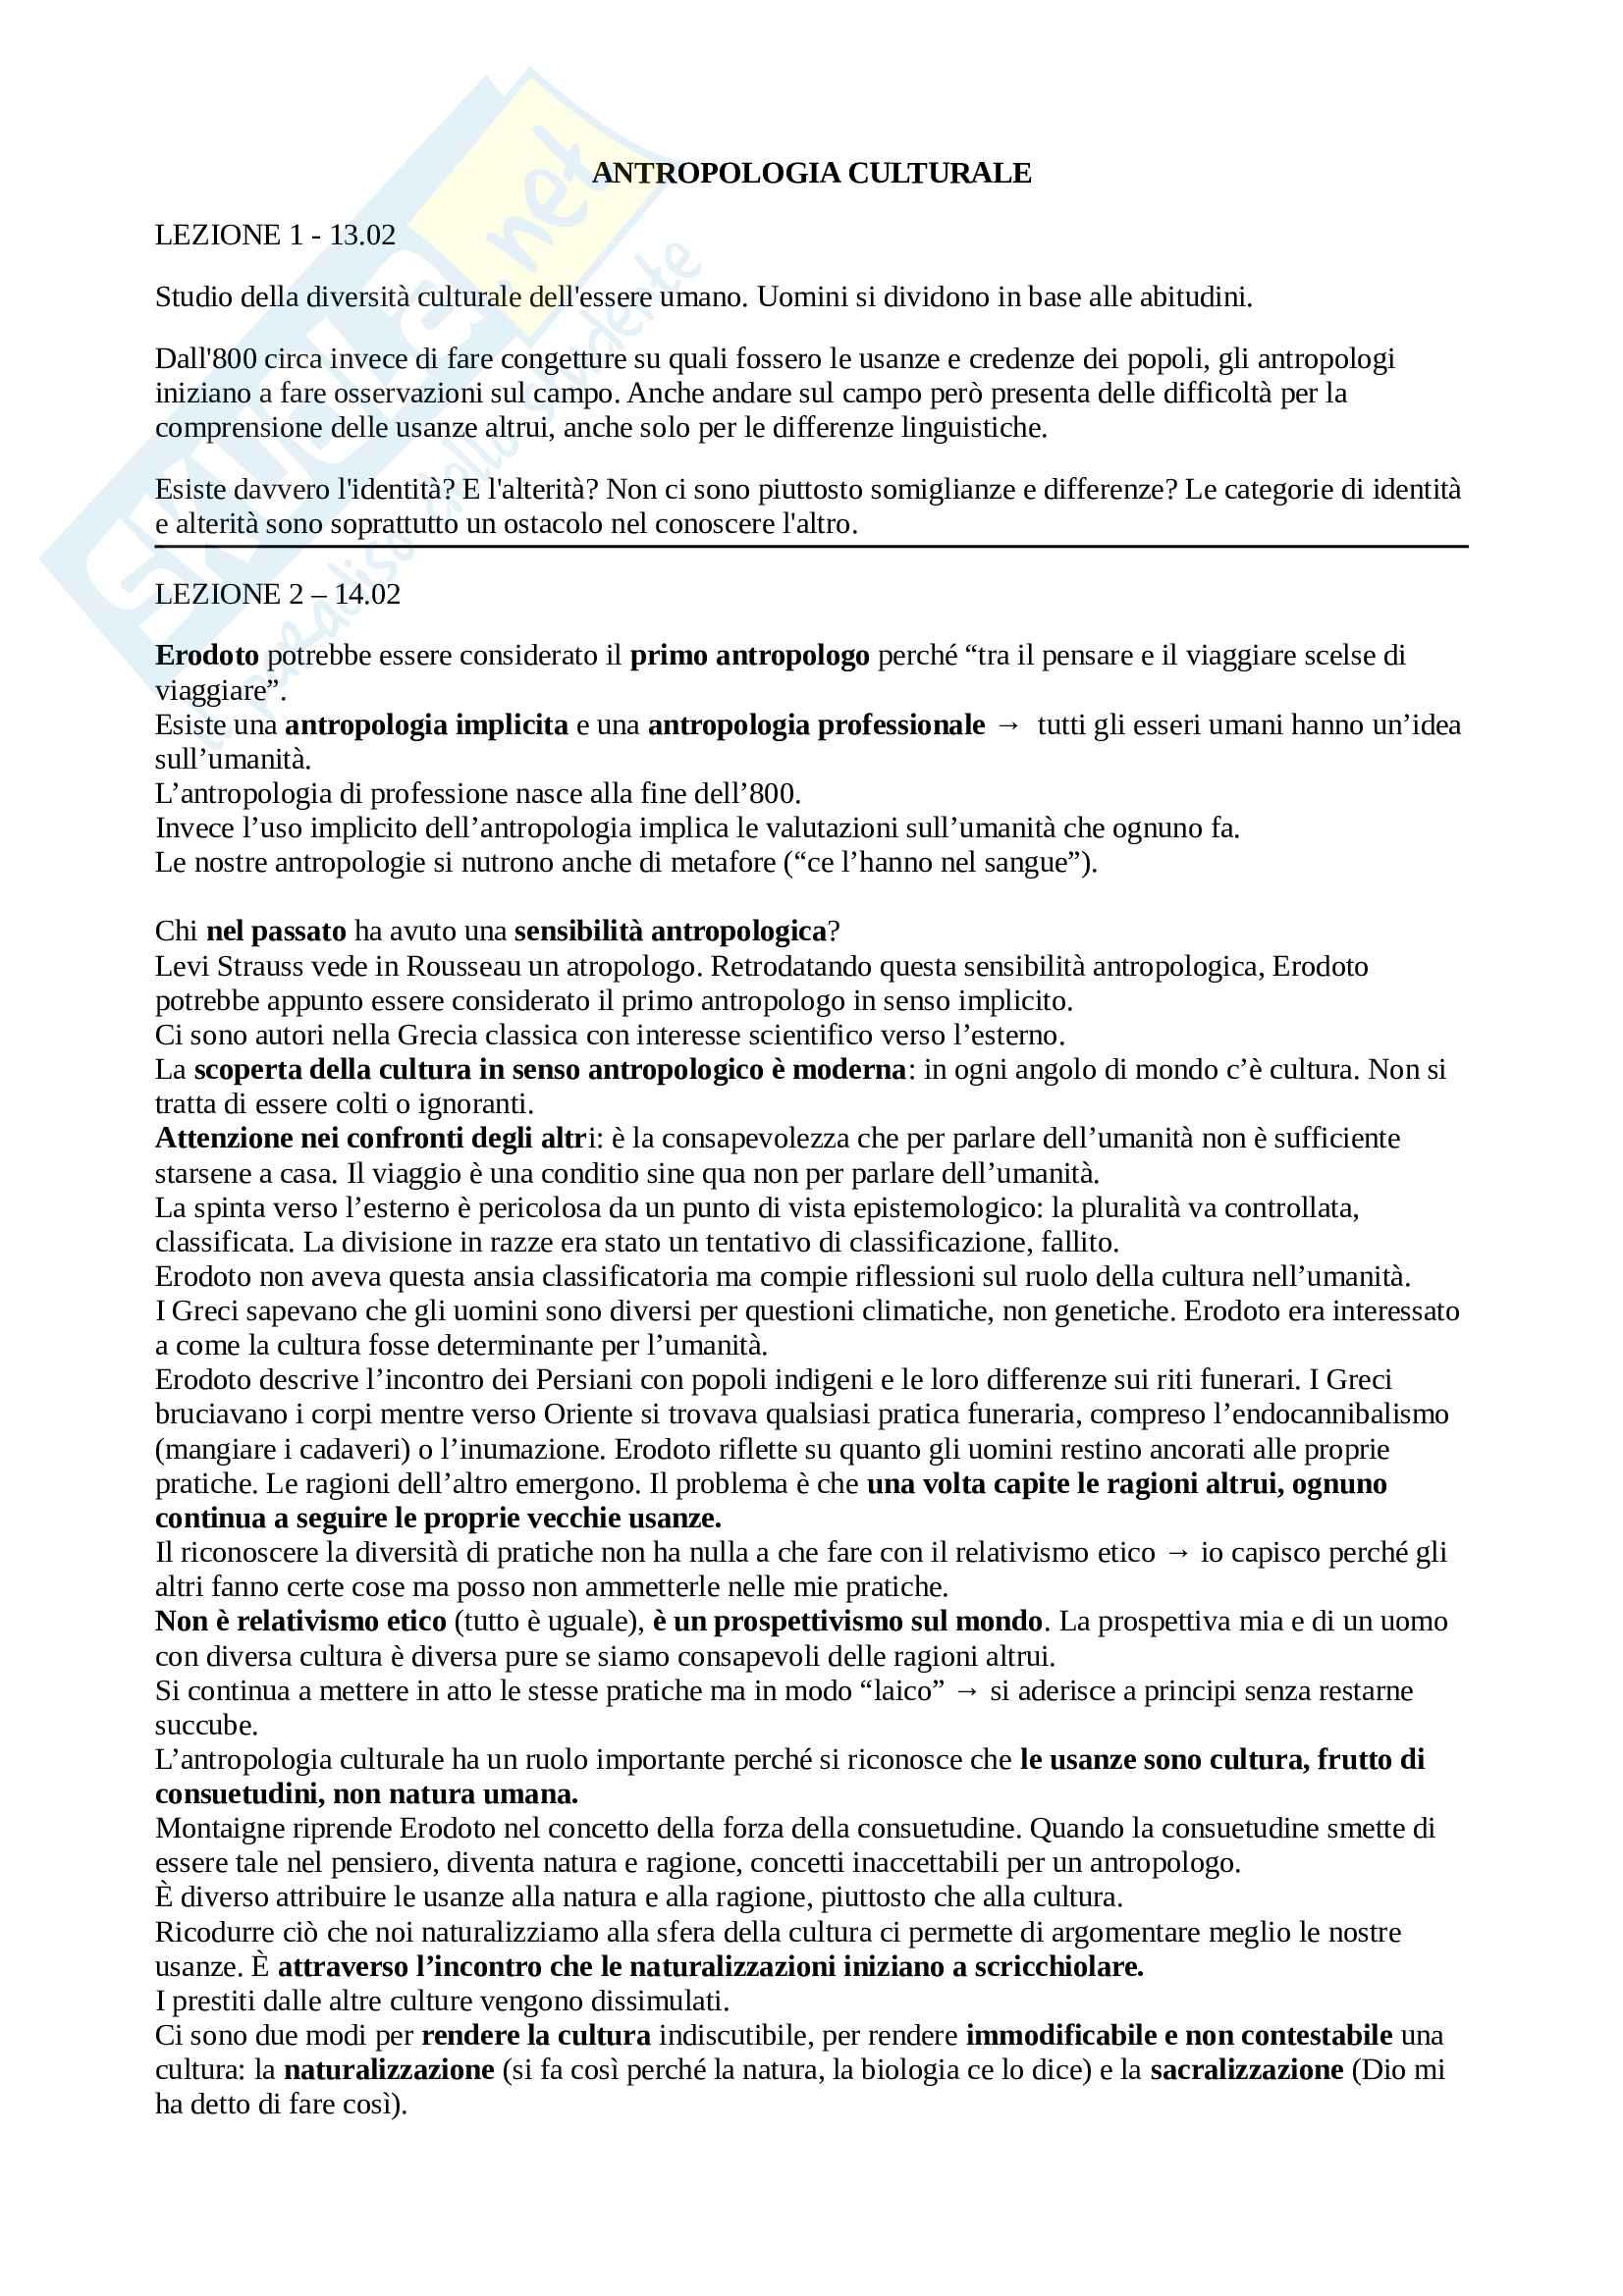 Appunti delle lezioni per l'esame di Antropologia culturale del prof. Allovio